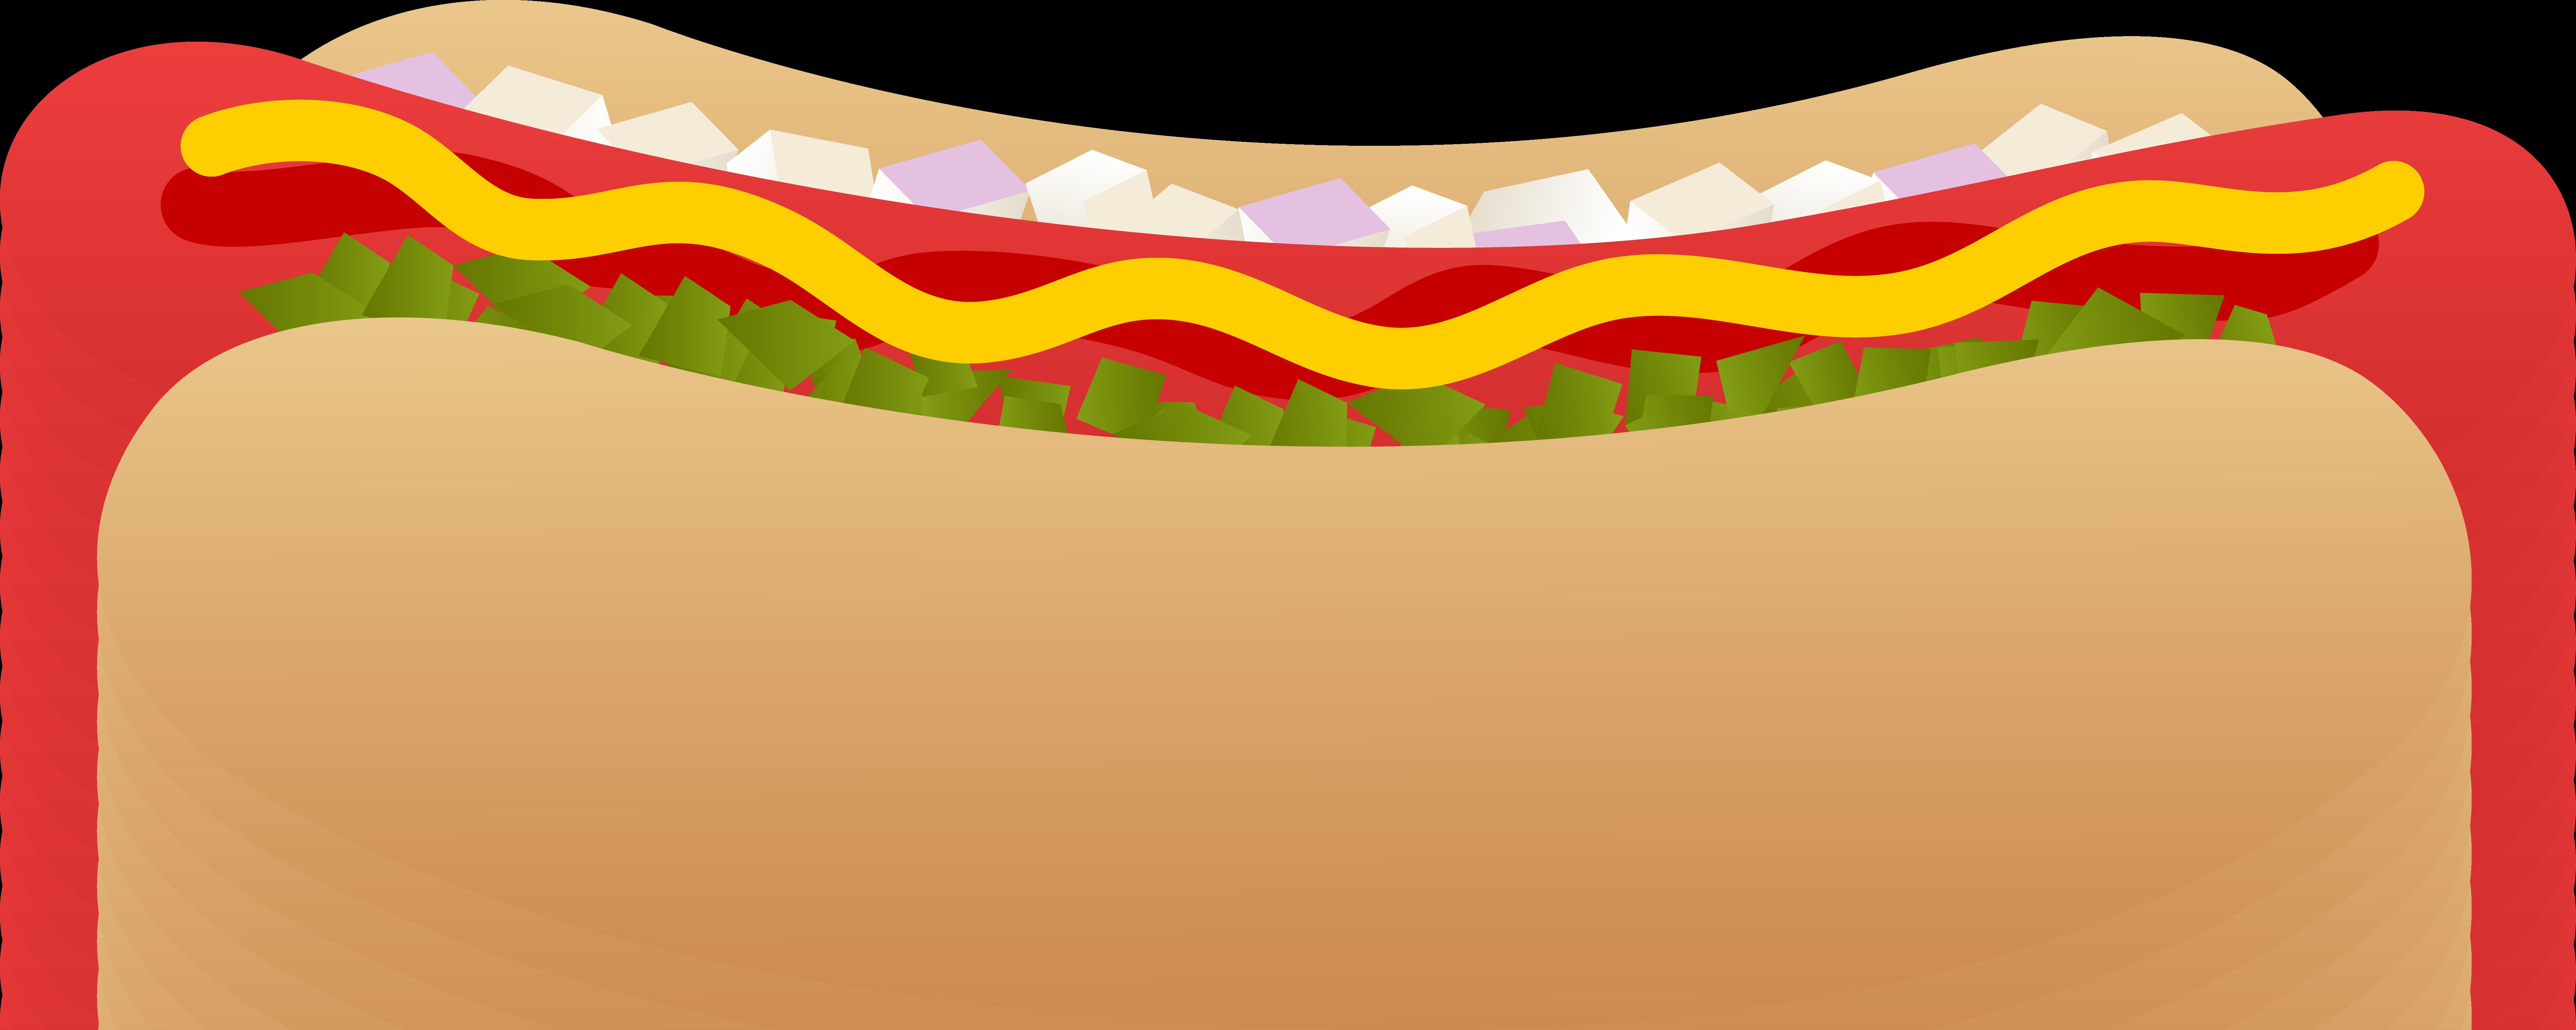 Sausage clipart bread cartoon #1